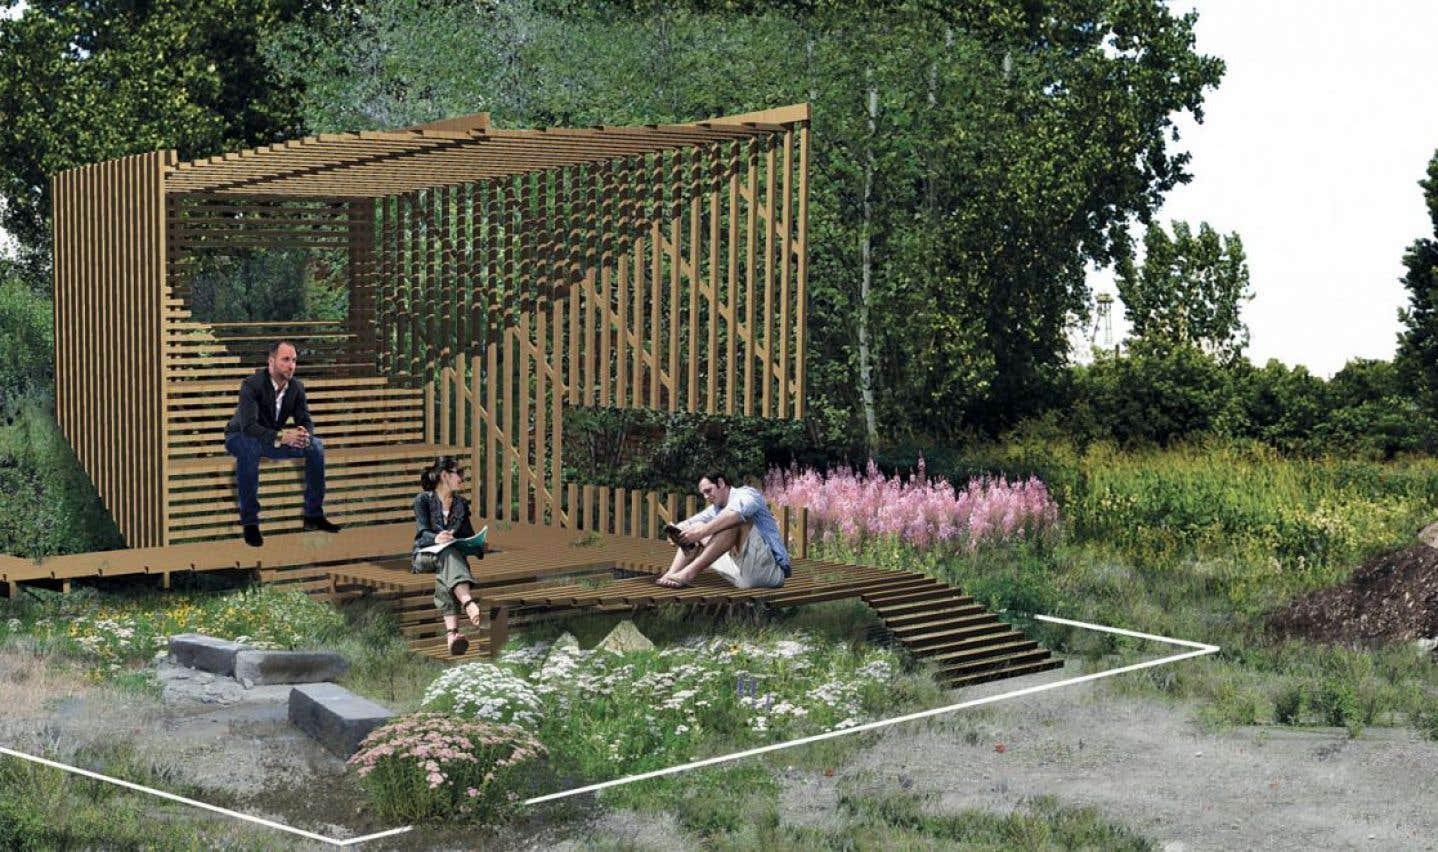 Let it be… nature, par l'Atelier MAP, propose une structure où l'utilisateur vaque à ses occupations tout en admirant le spectacle qu'offre la nature en ville, de la friche jusqu'au balbutiement d'un boisé.